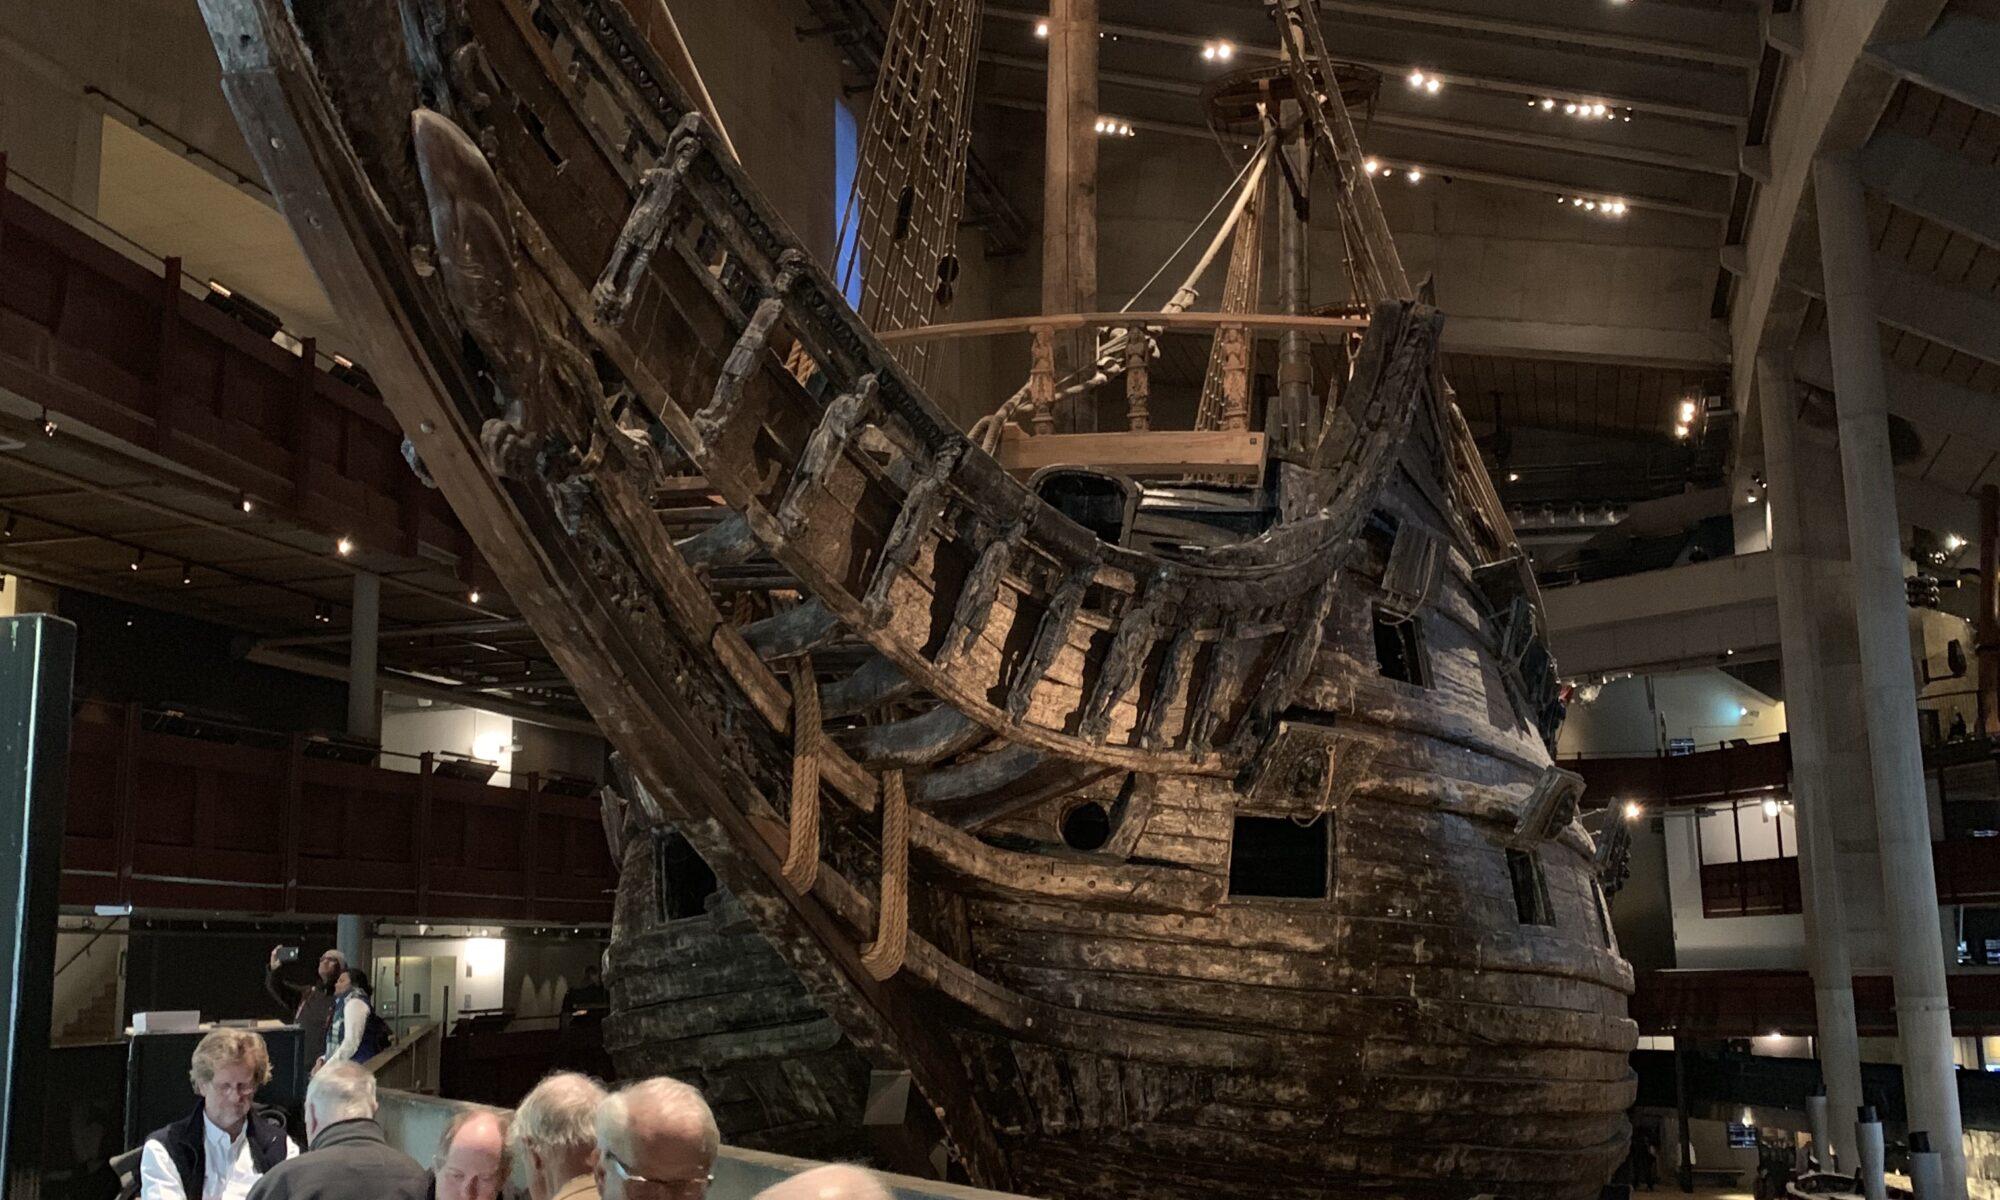 Vasa Museum: visit to Sweden